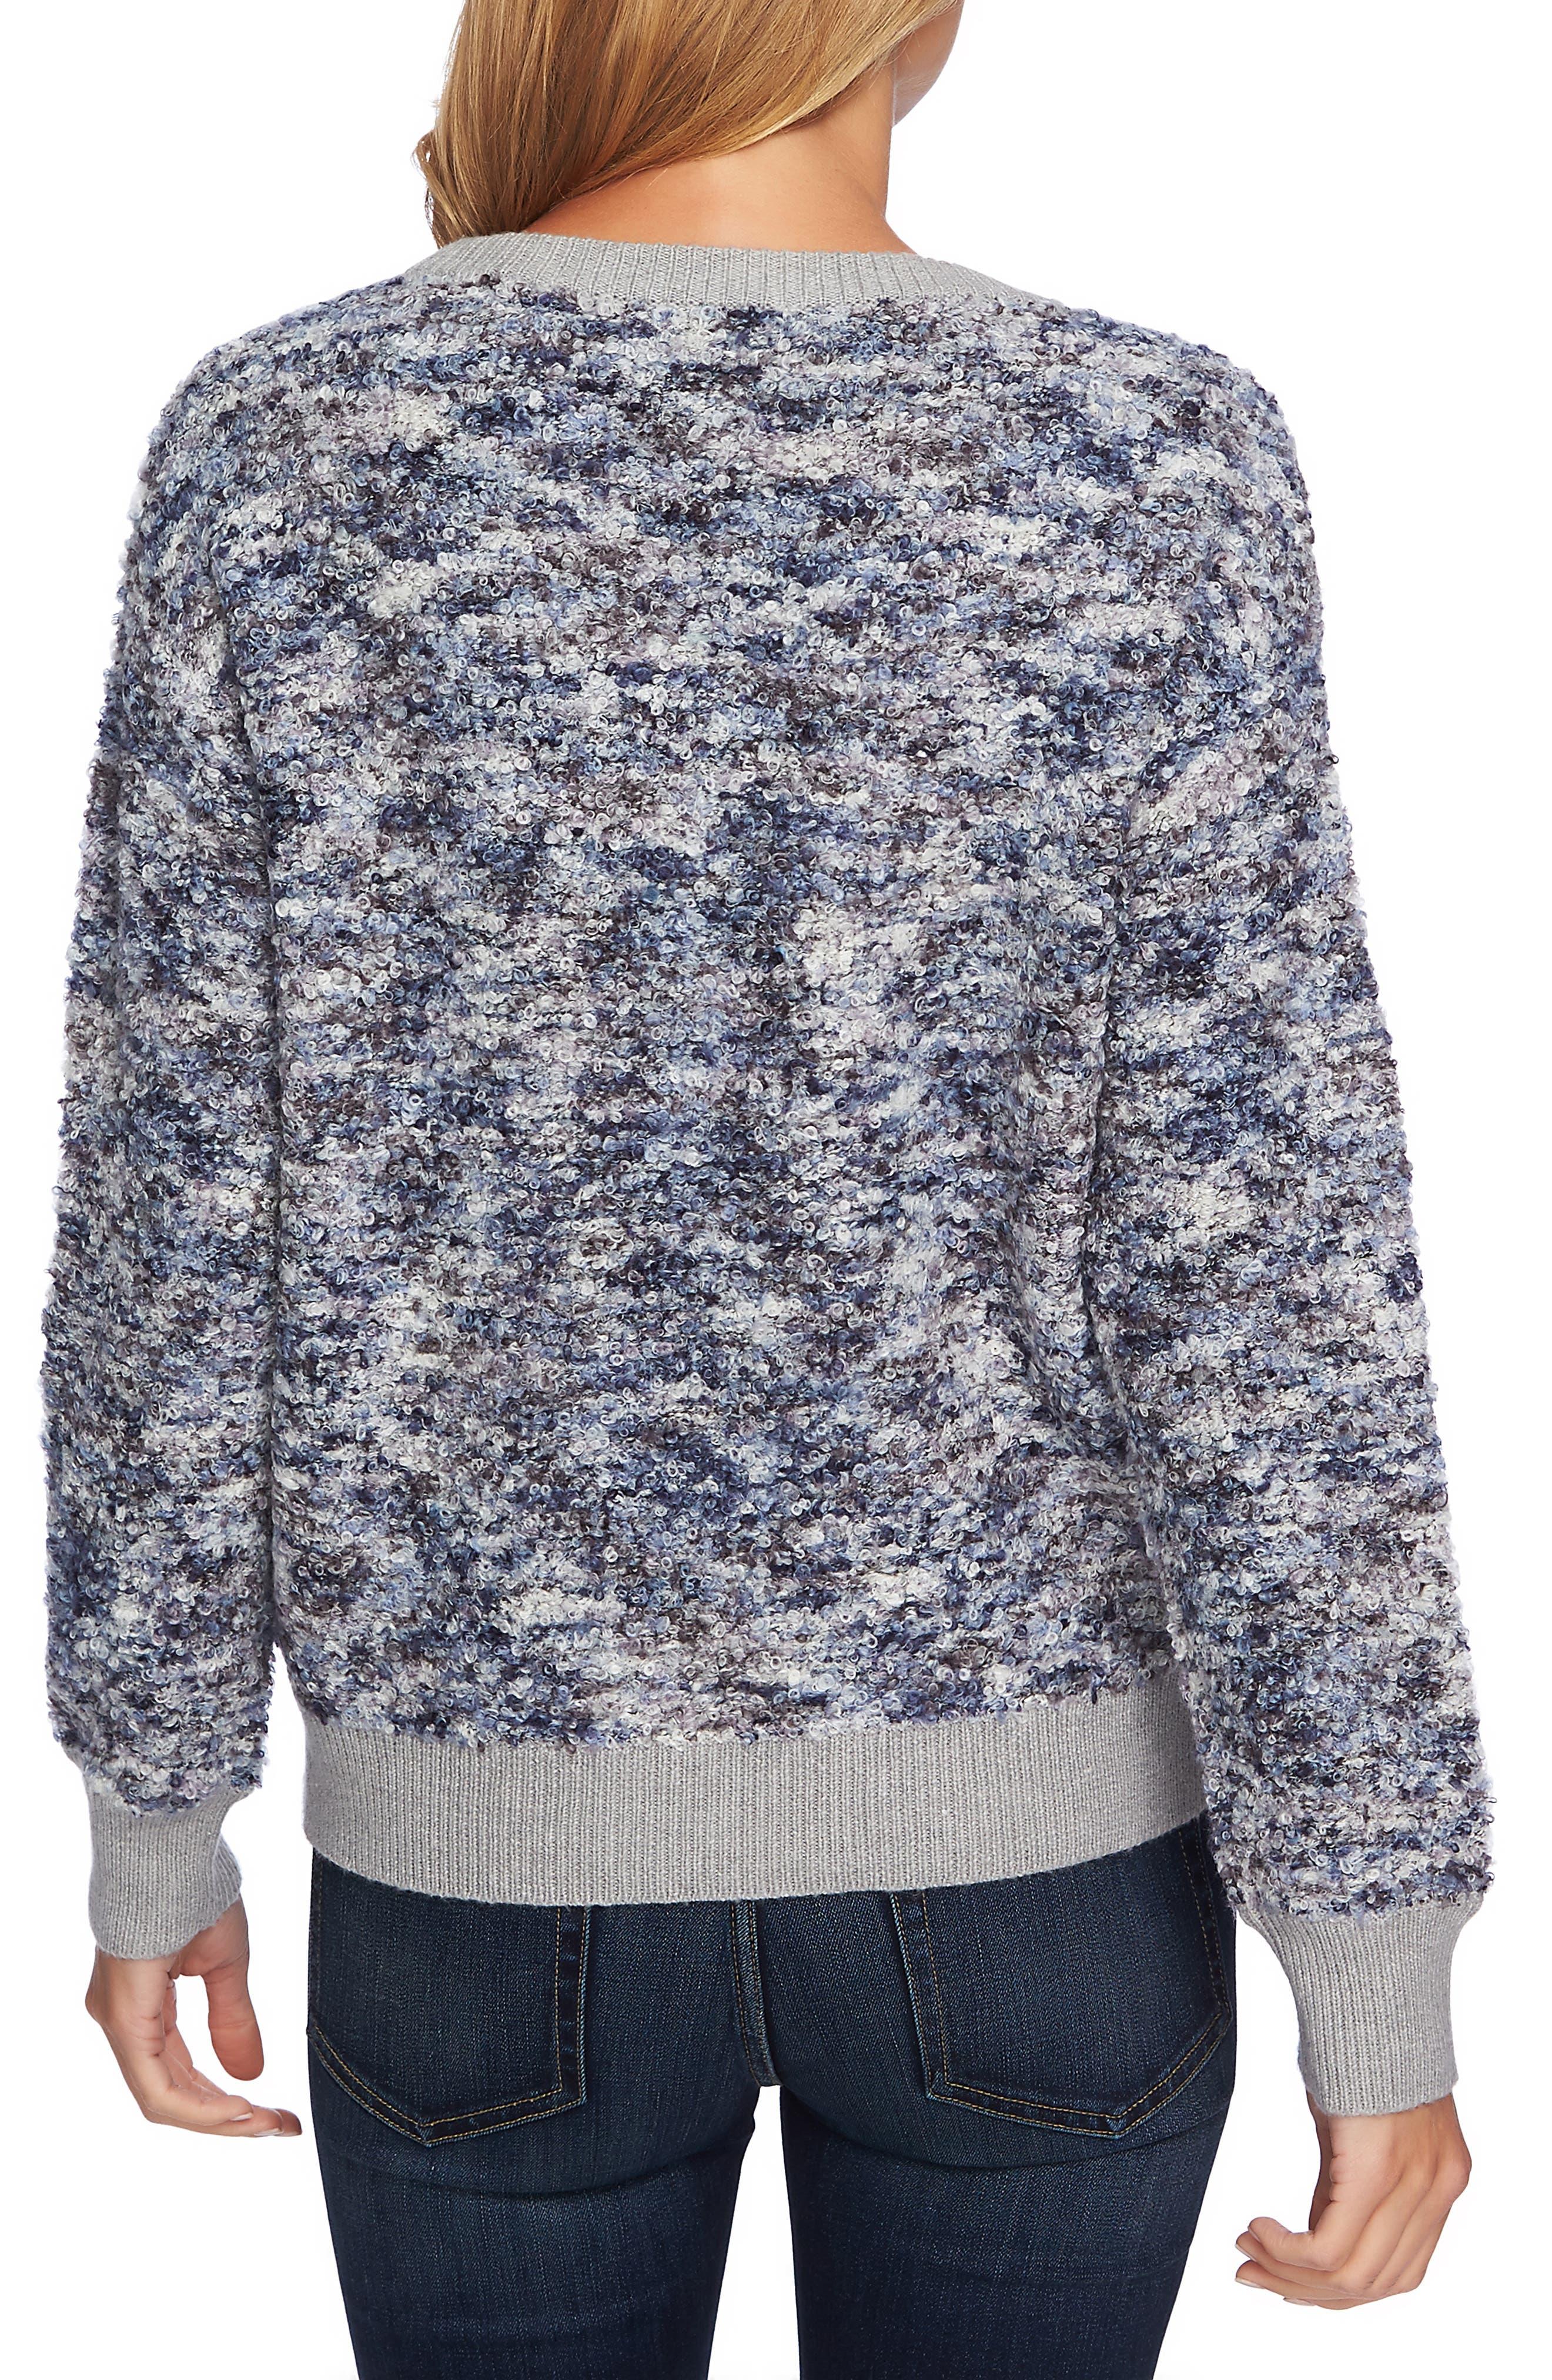 CECE,                             Bouclé Sweater,                             Alternate thumbnail 2, color,                             472